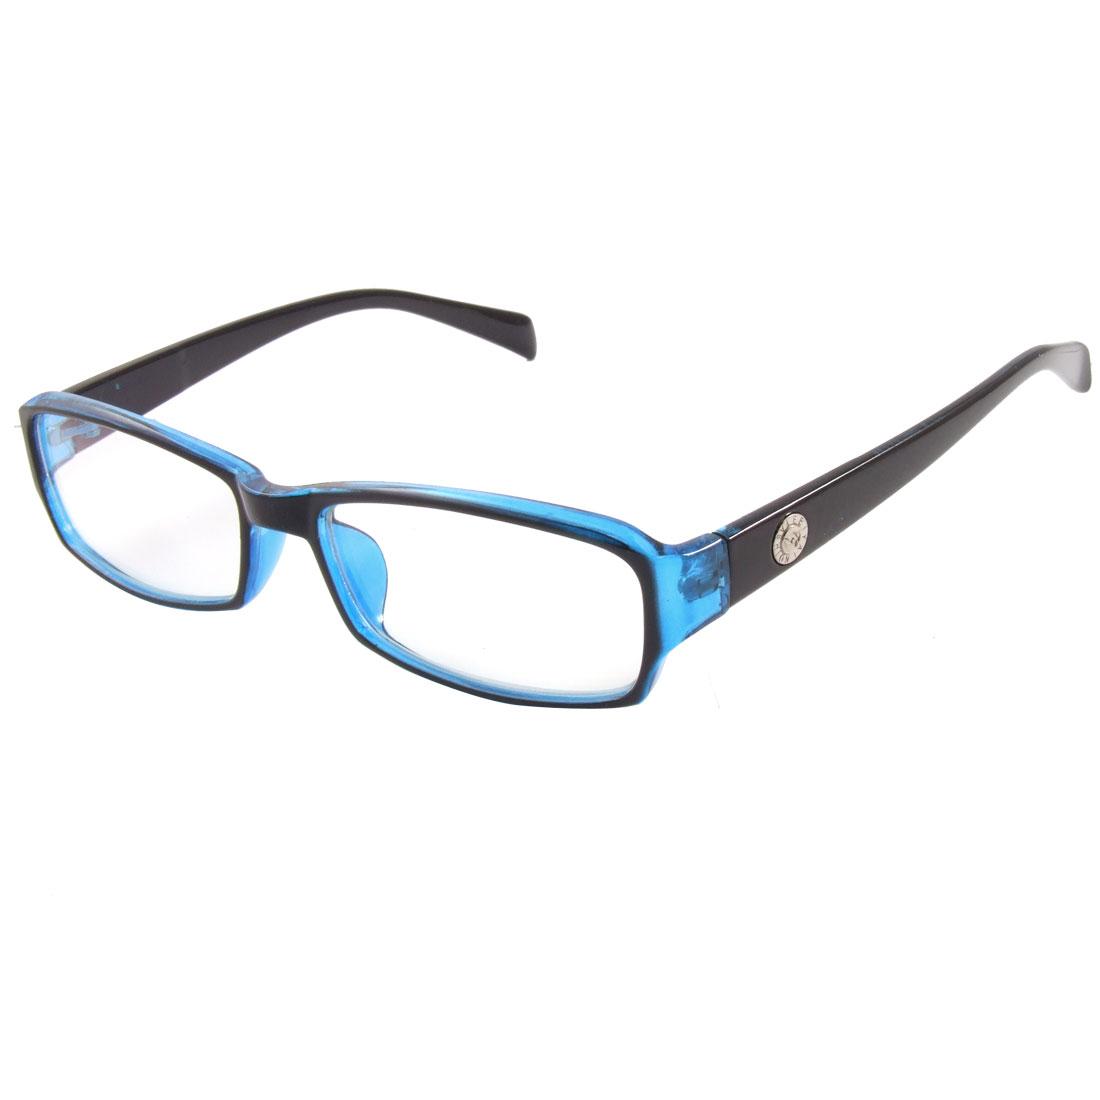 Black Arms Blue Frame Multi Coated Lens Plain Glasses Eyeglass for Ladies